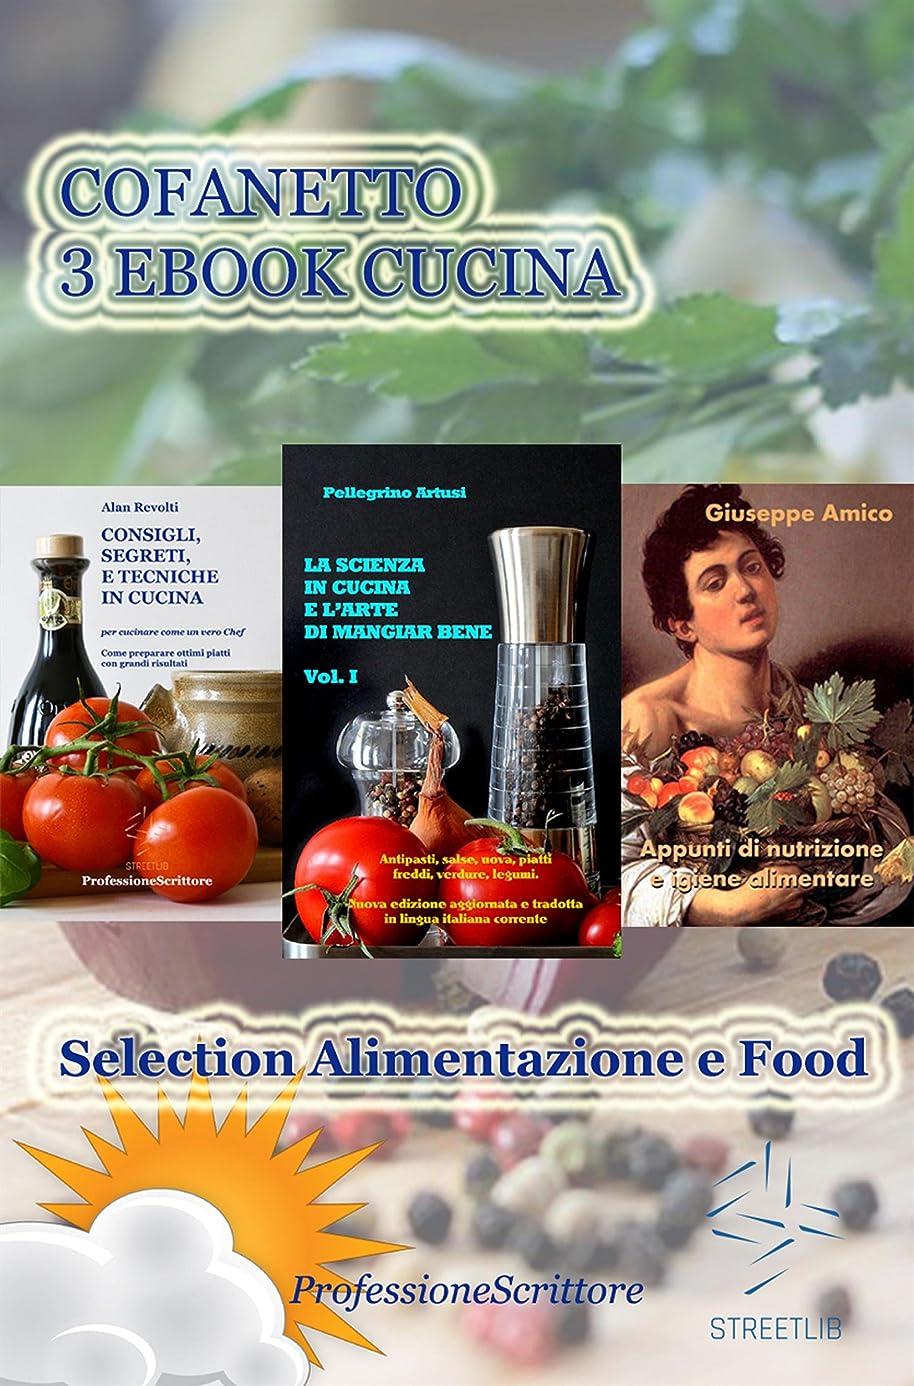 謝罪隠純度Alimentazione e Food - Nutrizione, Trucchi e Segreti in cucina, Ricette, Consigli (Cofanetto 3 Ebook Cucina) (Collana Cucina e food) (Italian Edition)